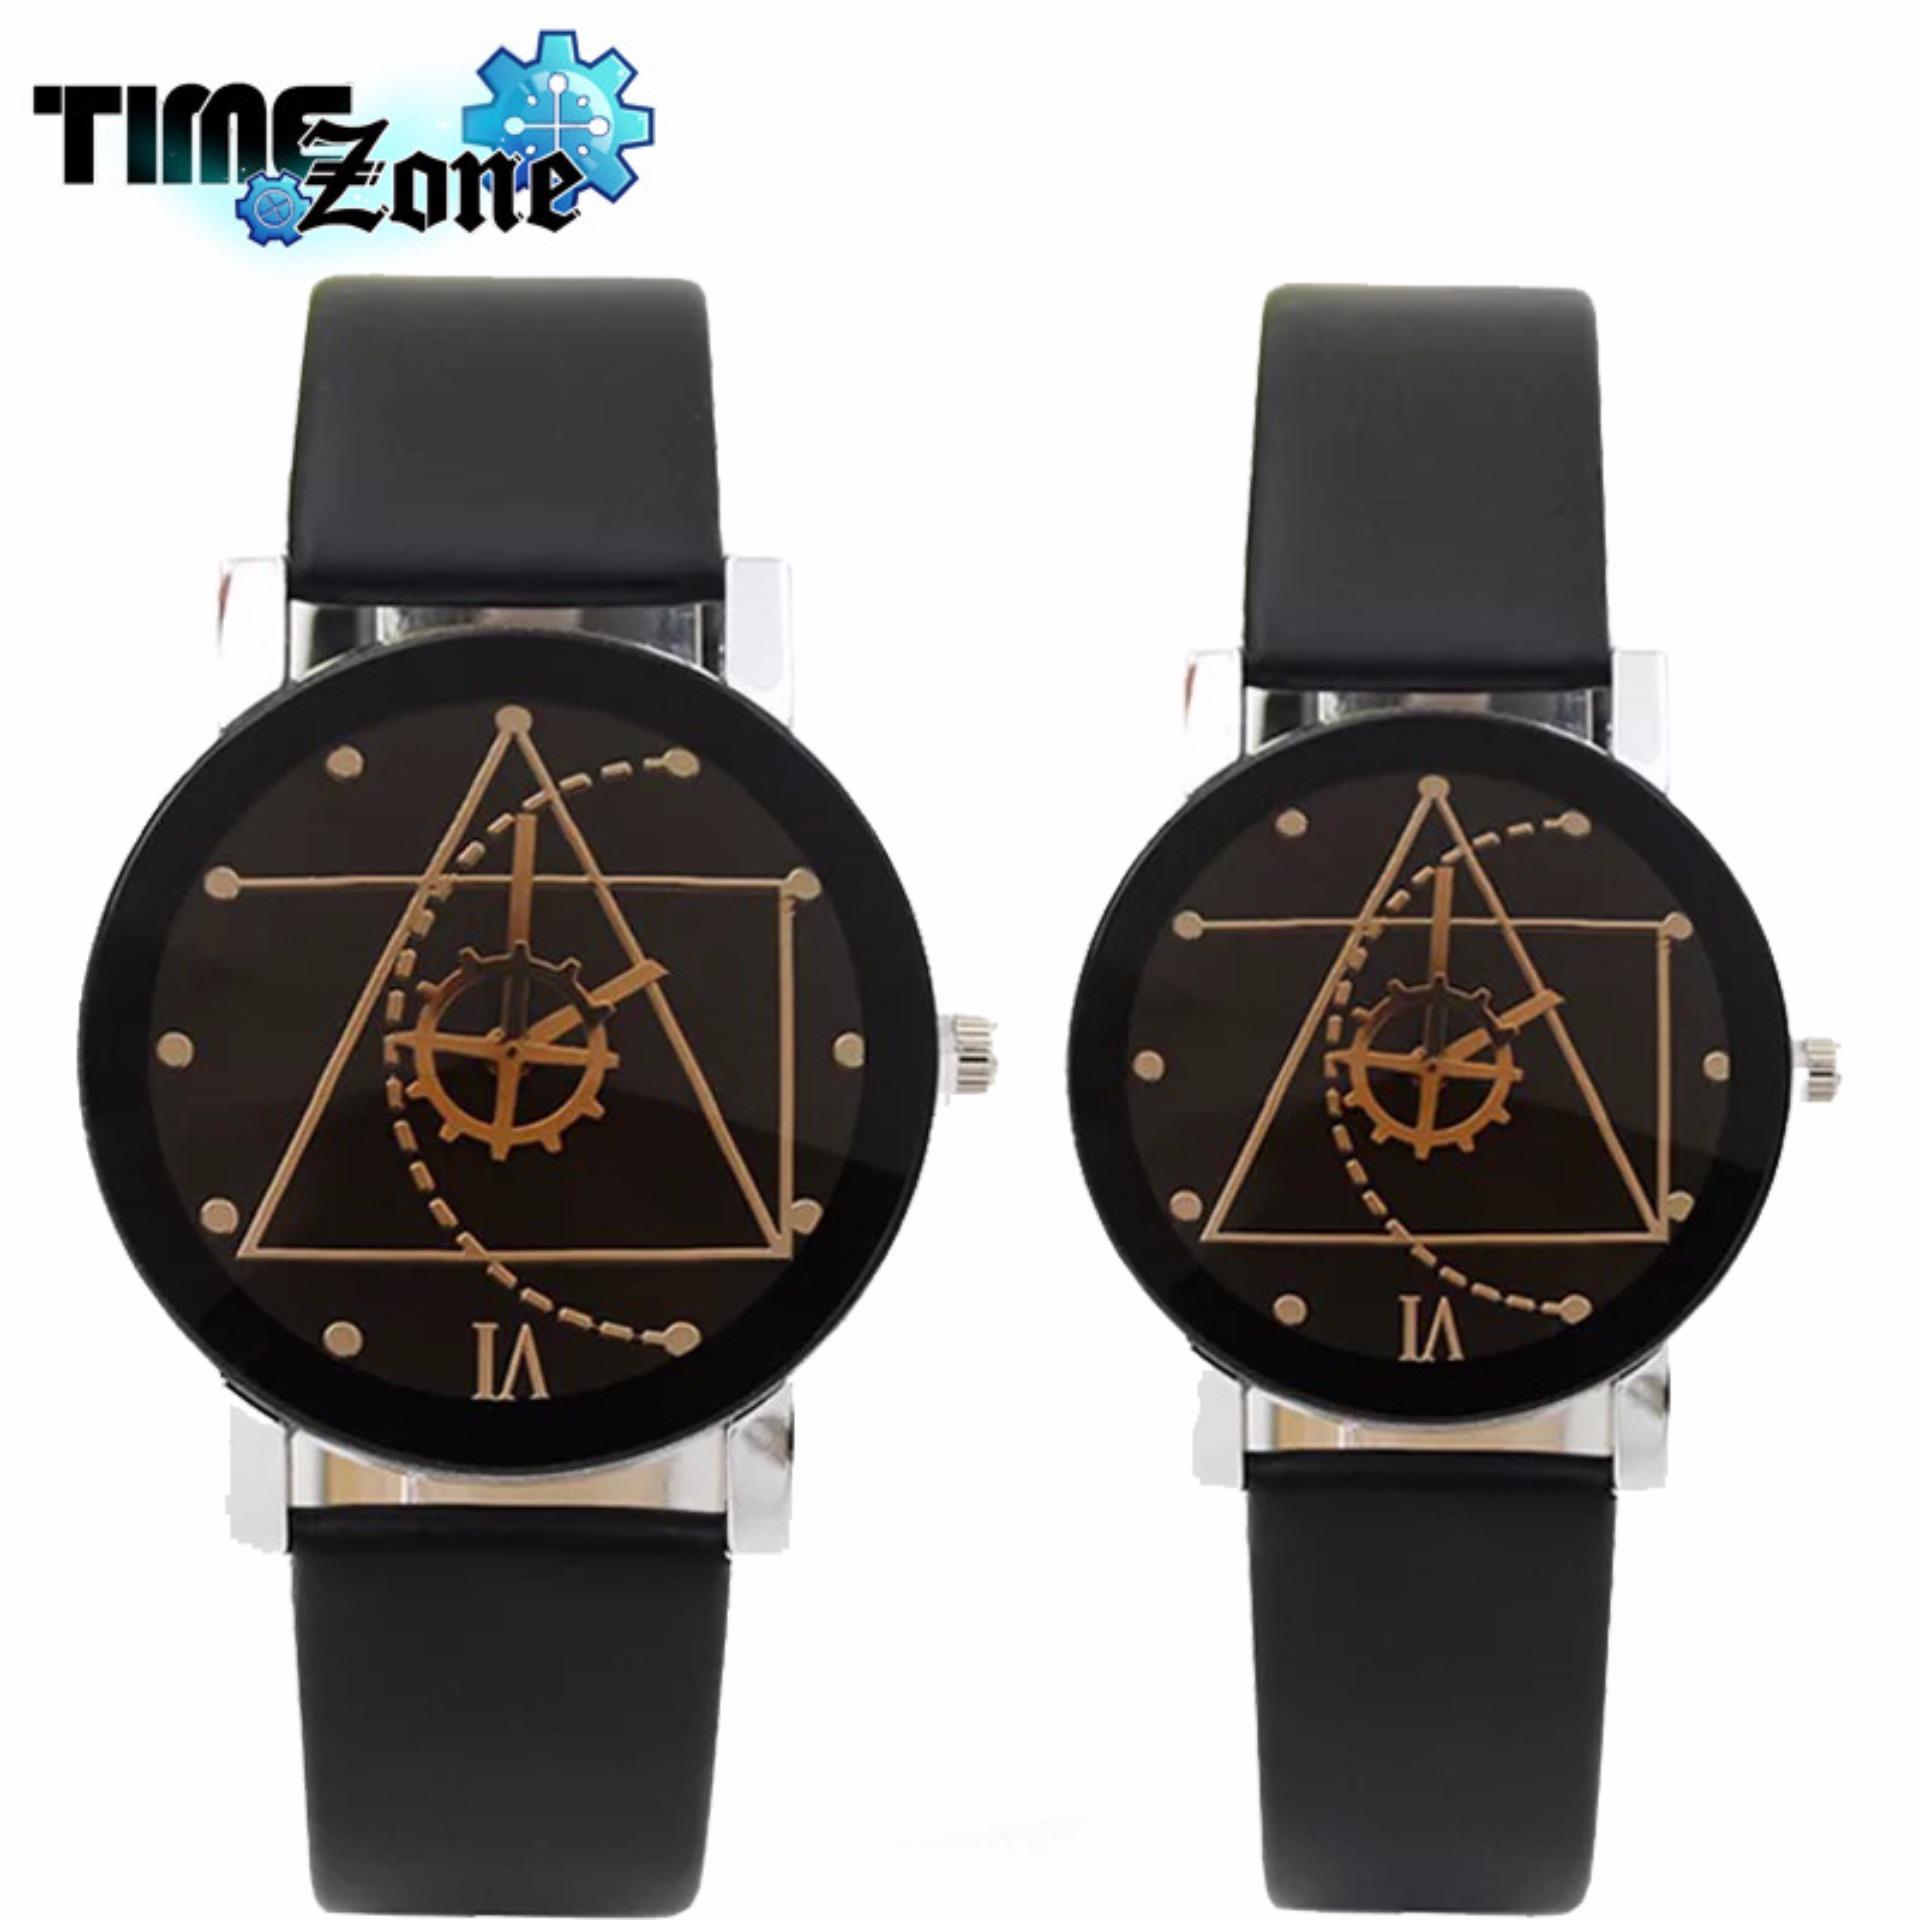 Đồng hồ cặp dây da TimeZone Thạch Anh Tam Giác NewFashion (Dây Đen, Mặt Đen)